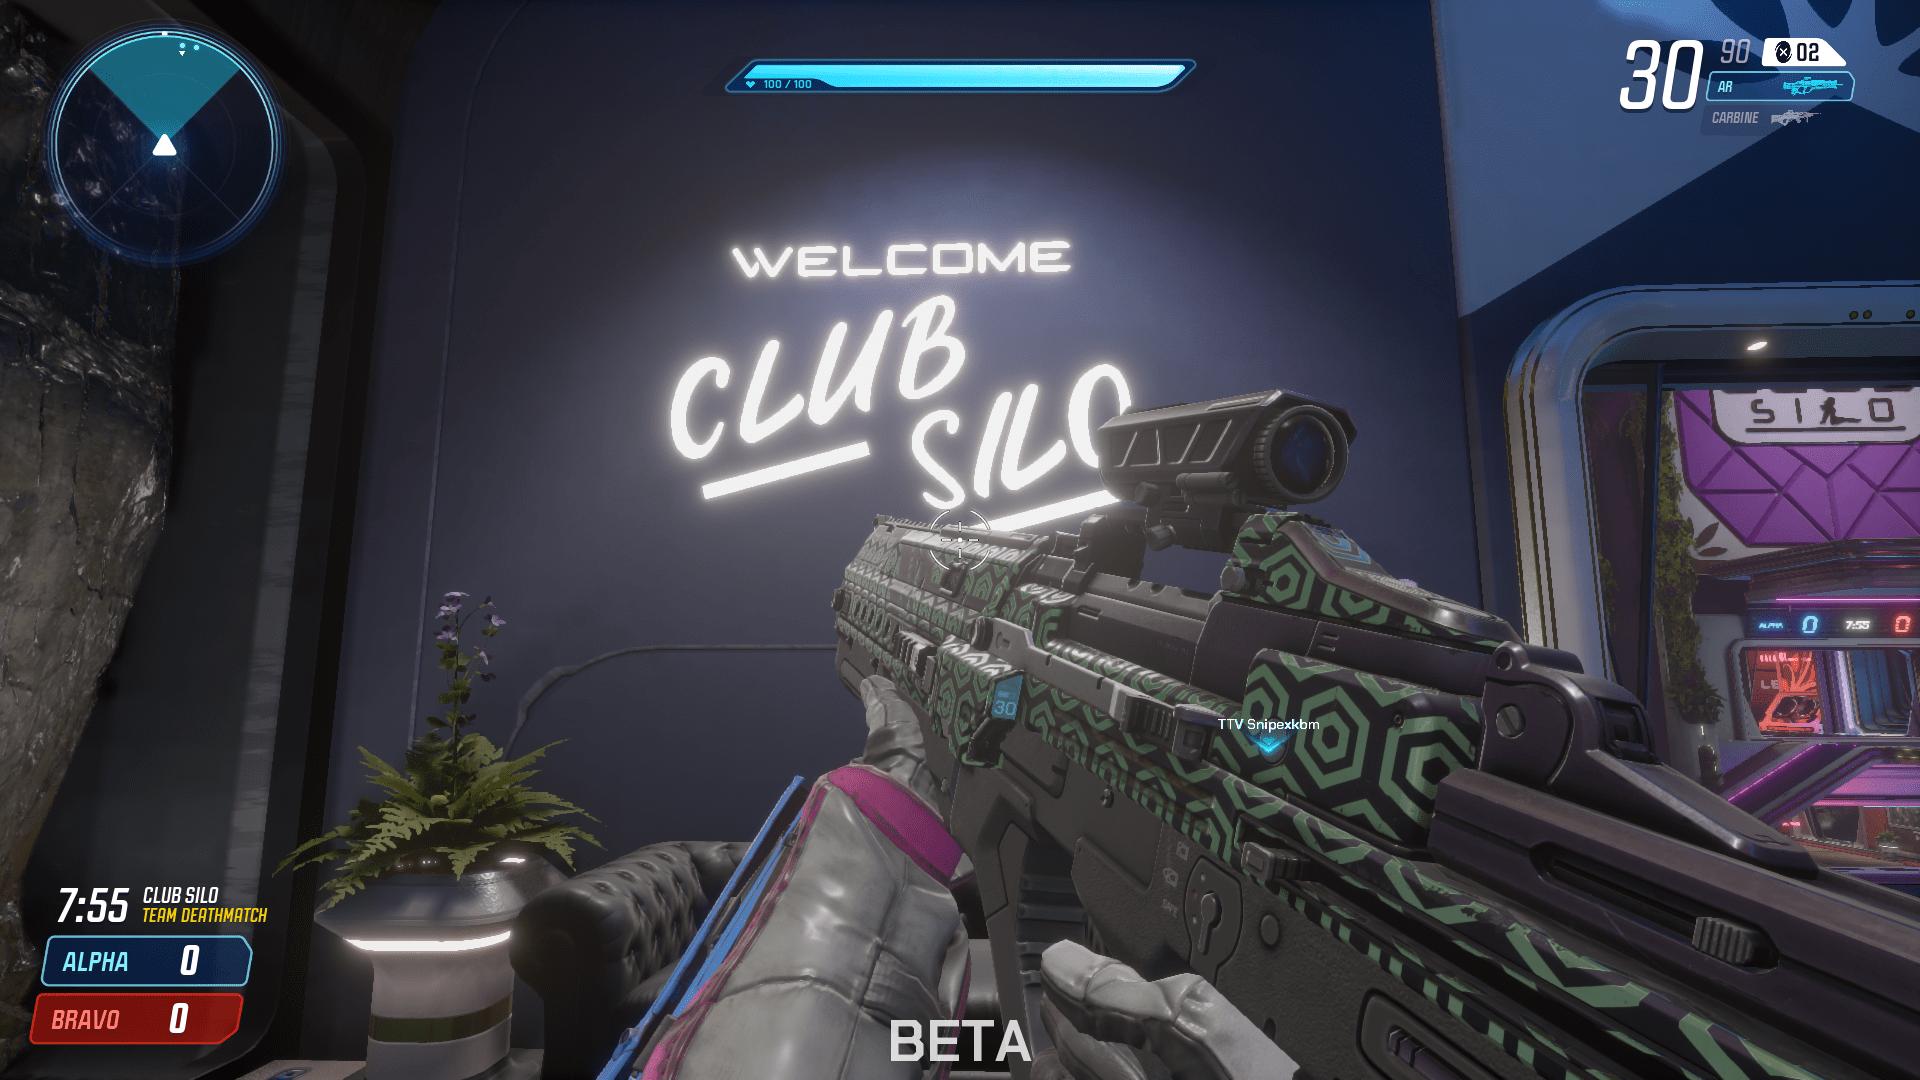 Splitgate Map Club Silo